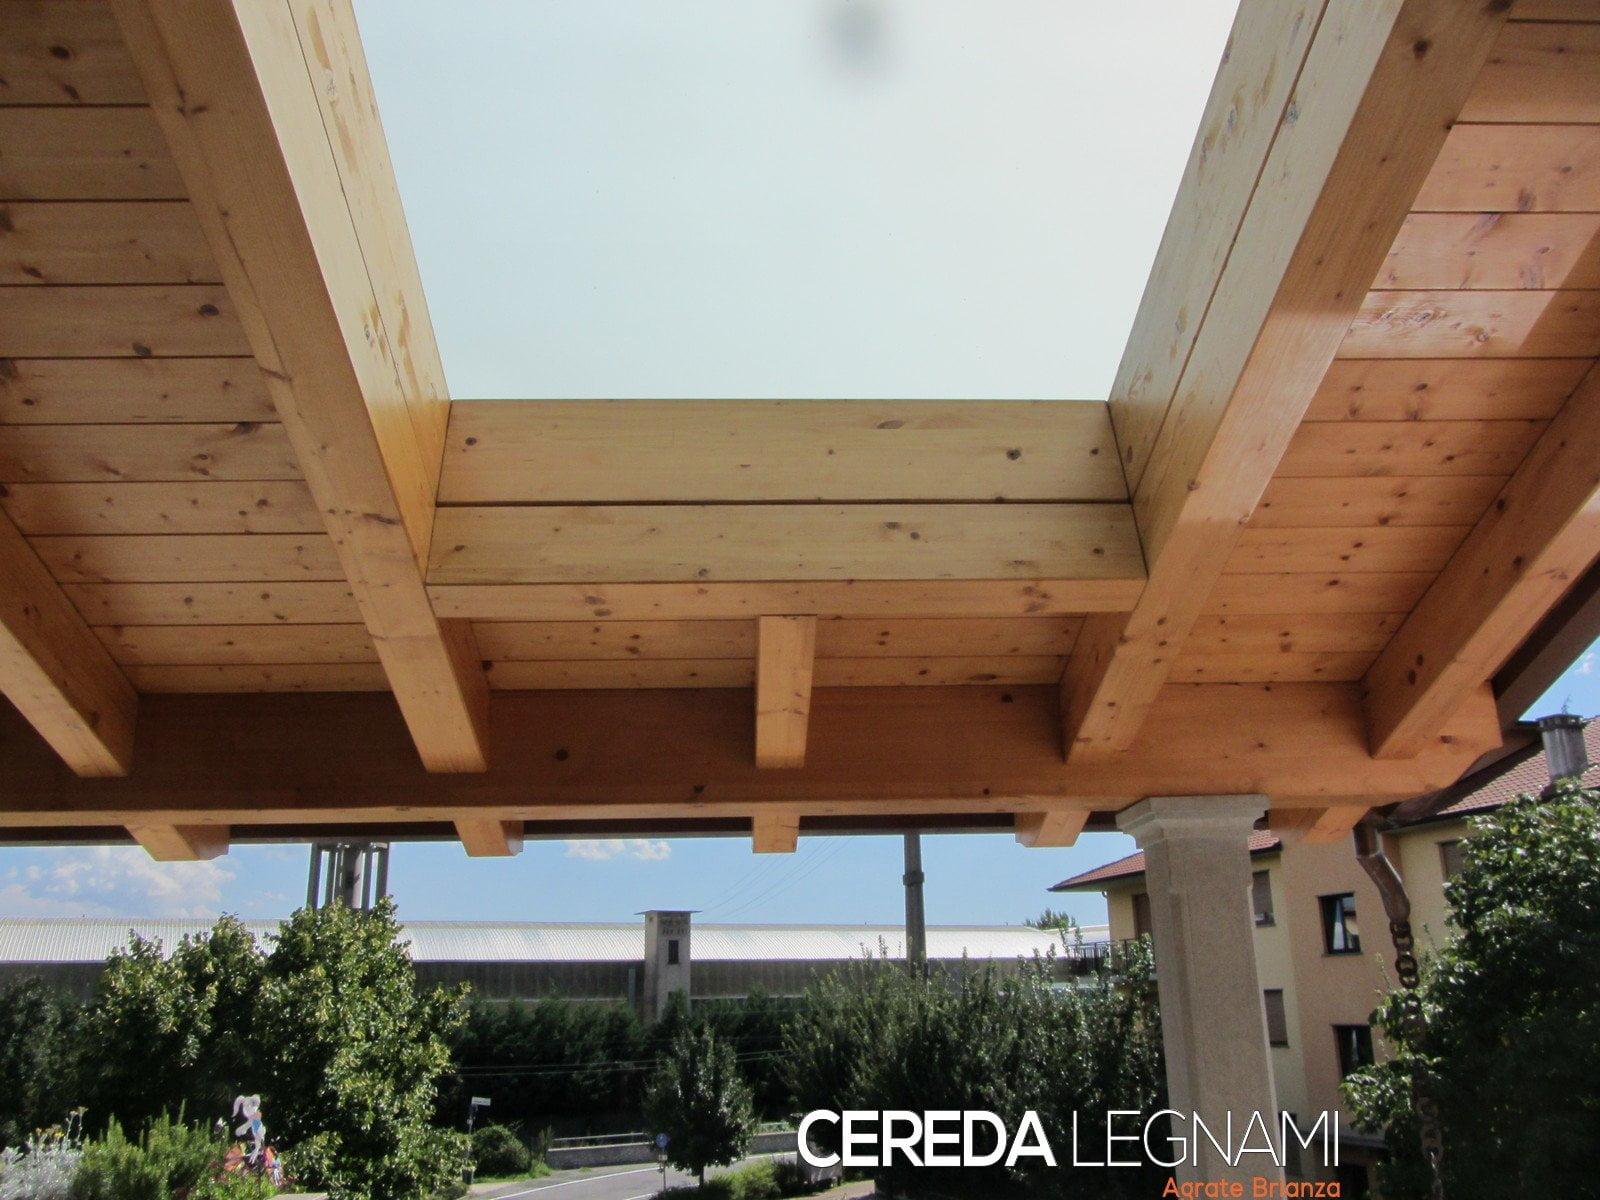 Tettoie di legno cereda legnami agrate brianza for Lucernari per tetti in legno